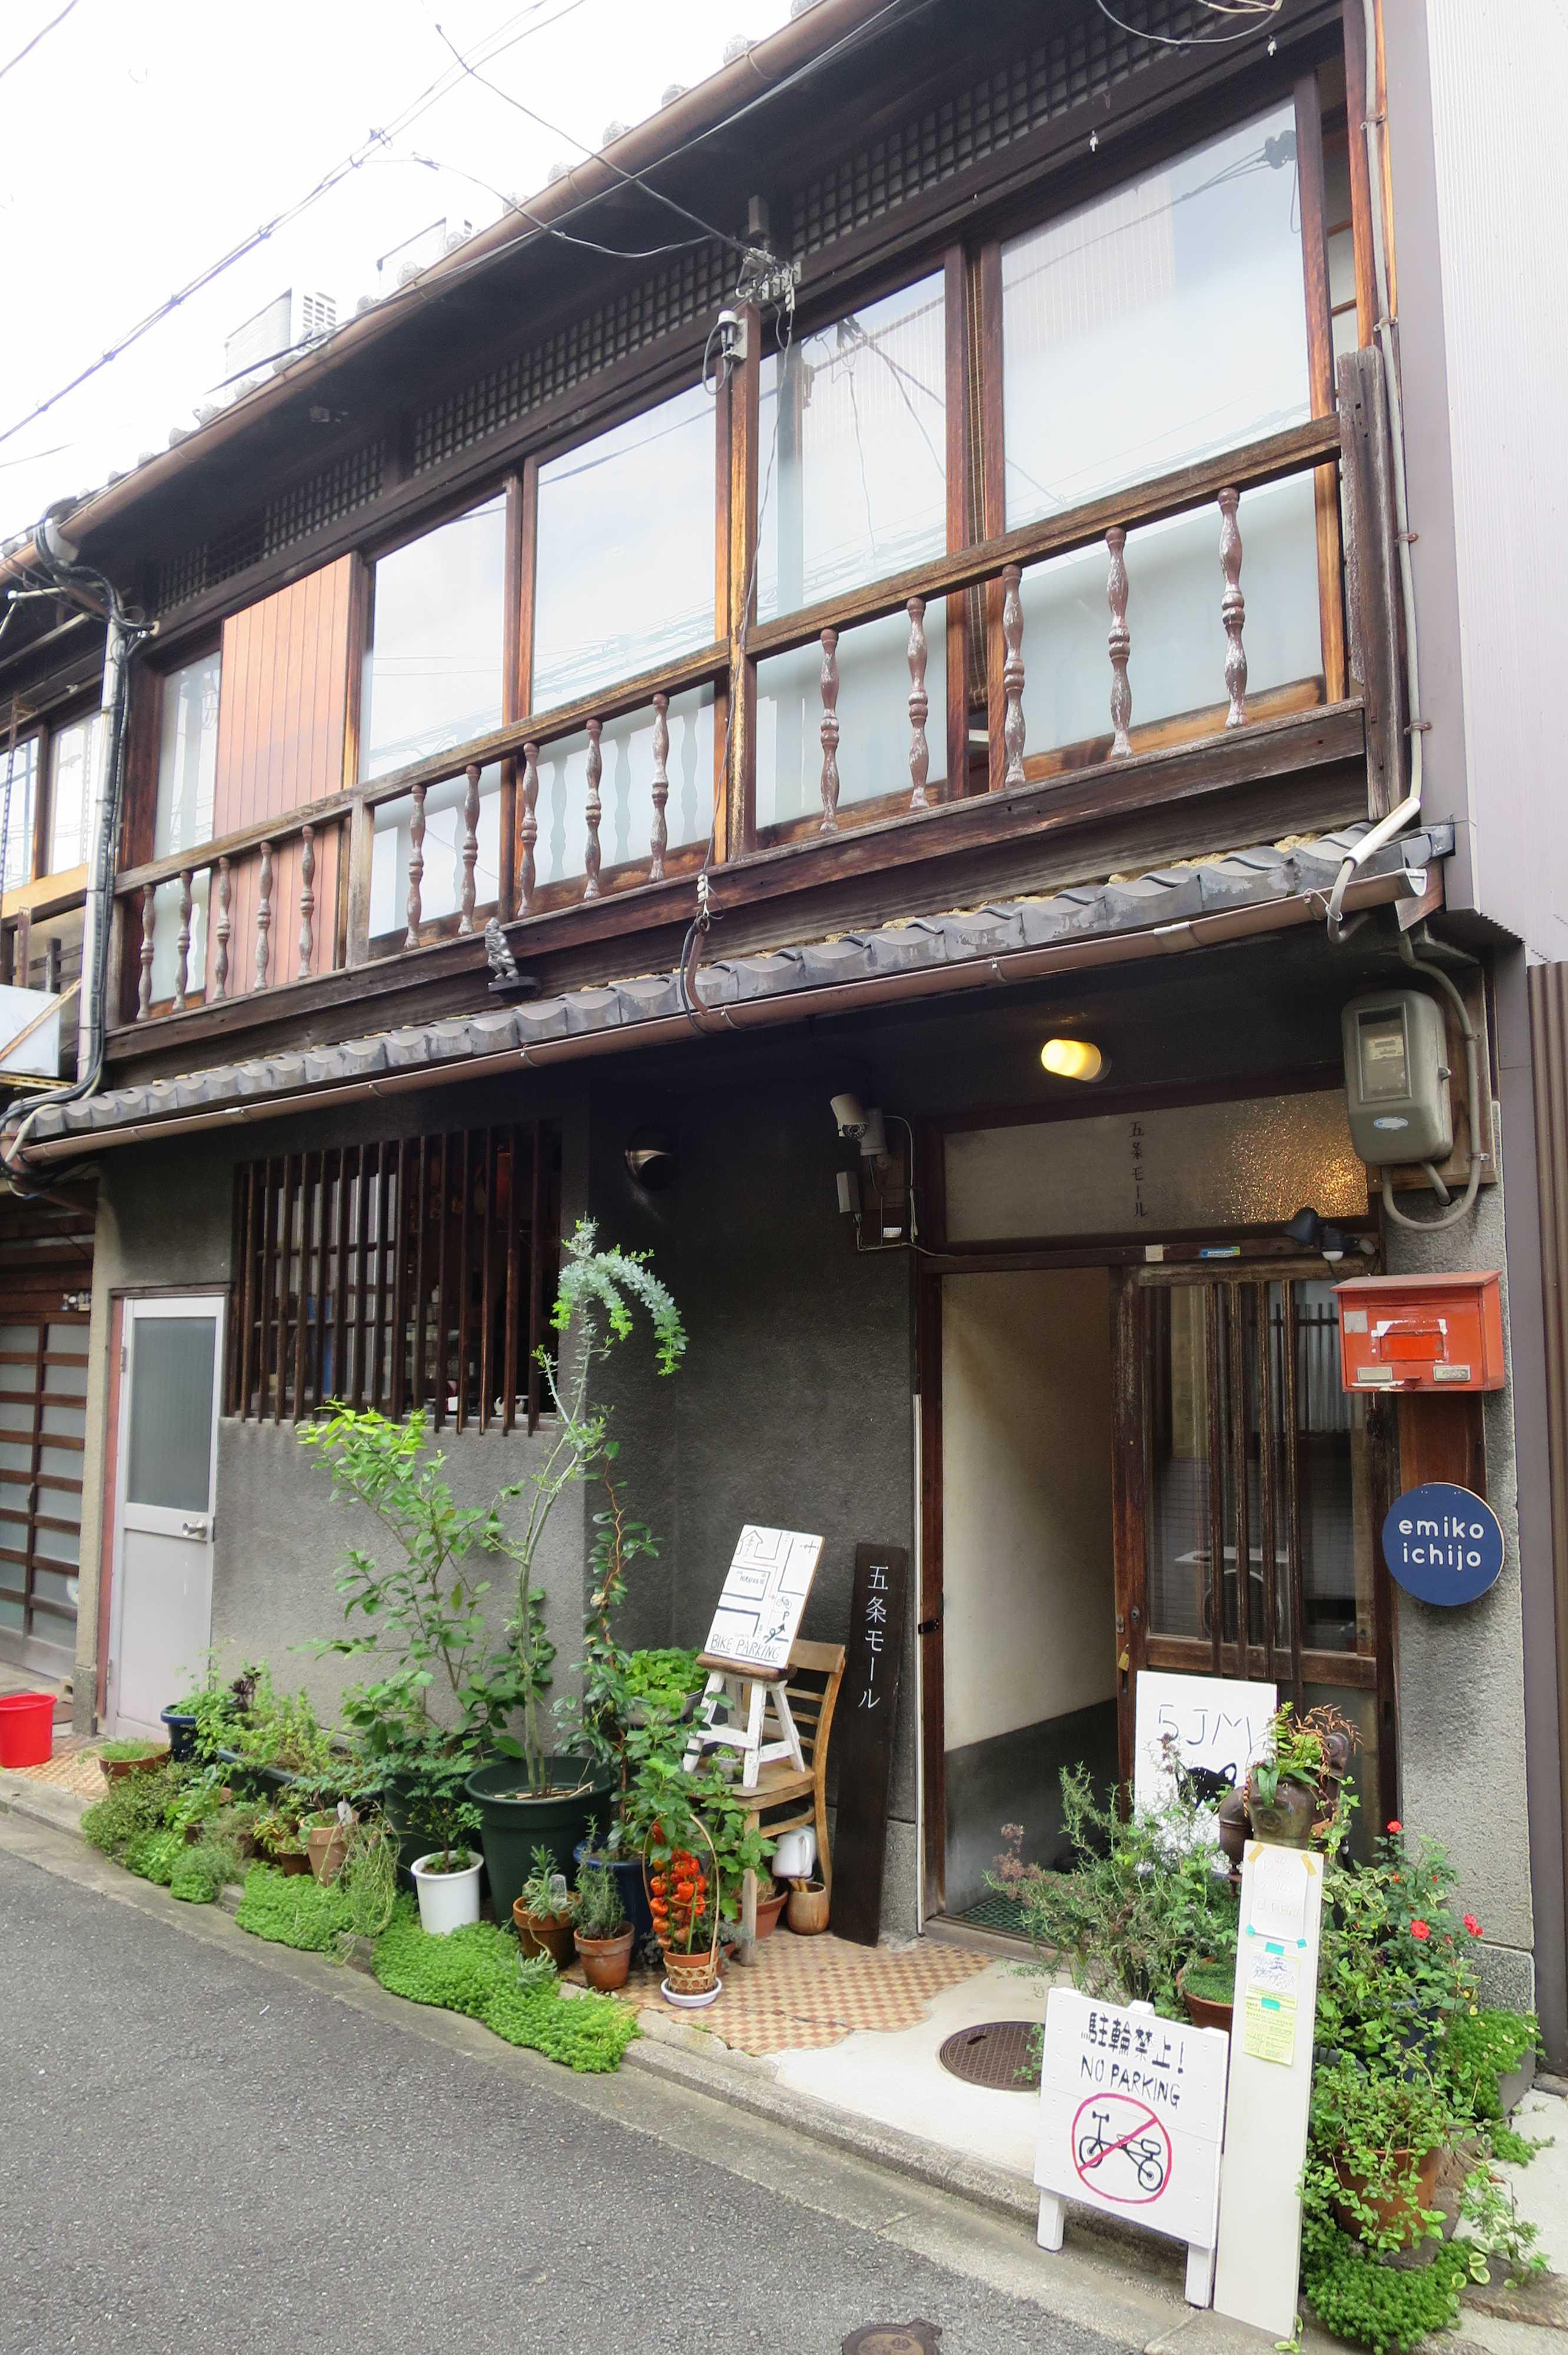 京都・五条楽園 - 玄関前にタイル装飾の痕跡が残っている家(五条モール)